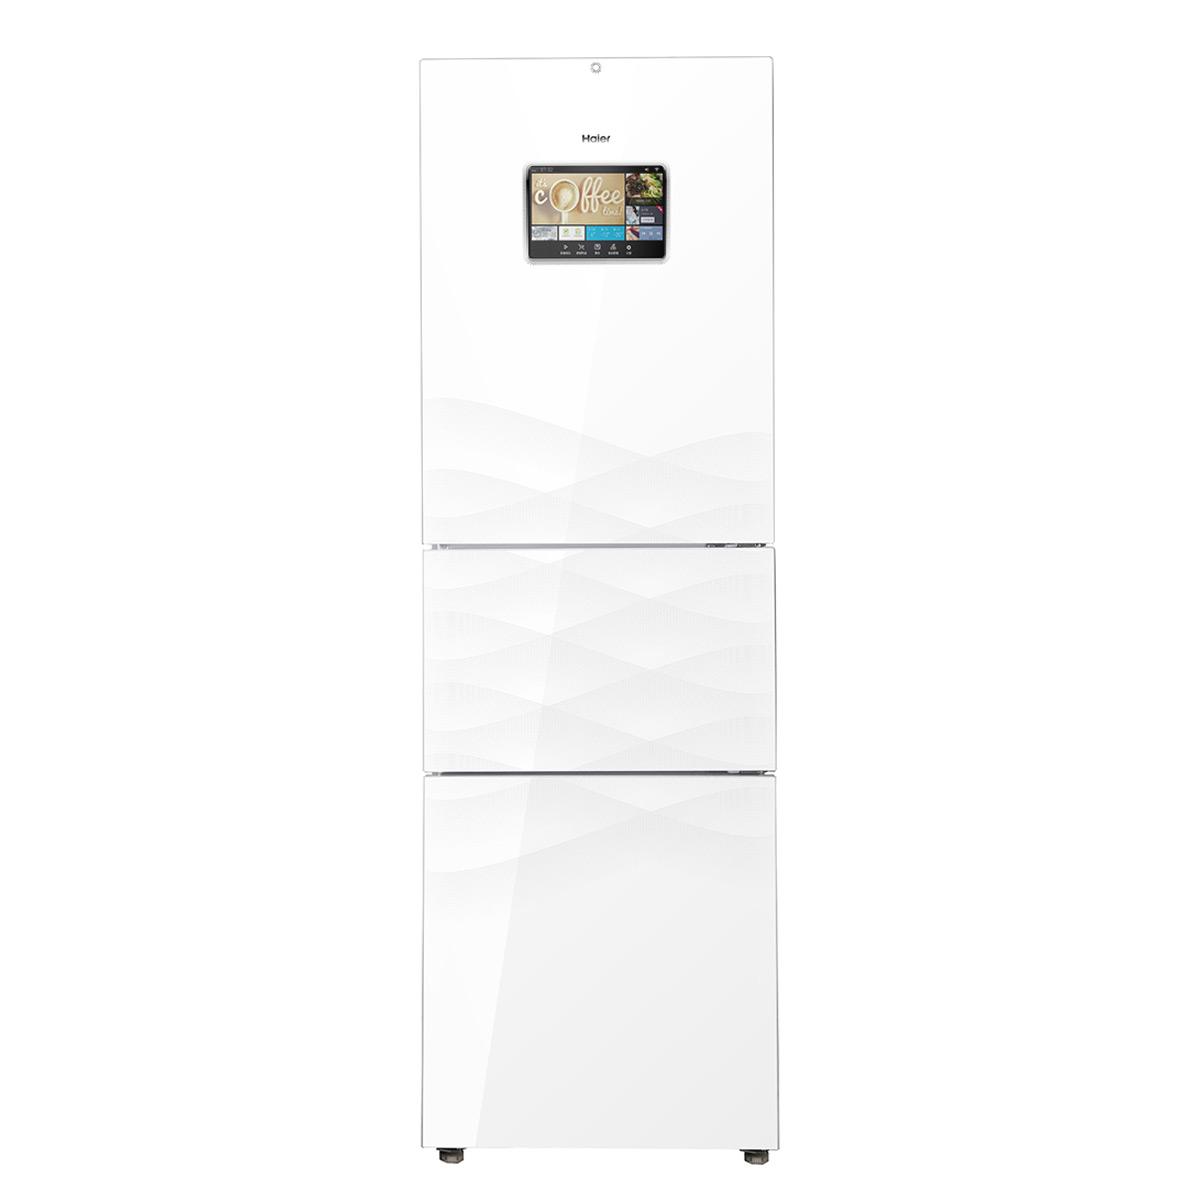 海尔Haier冰箱 BCD-251WDCPU1 说明书